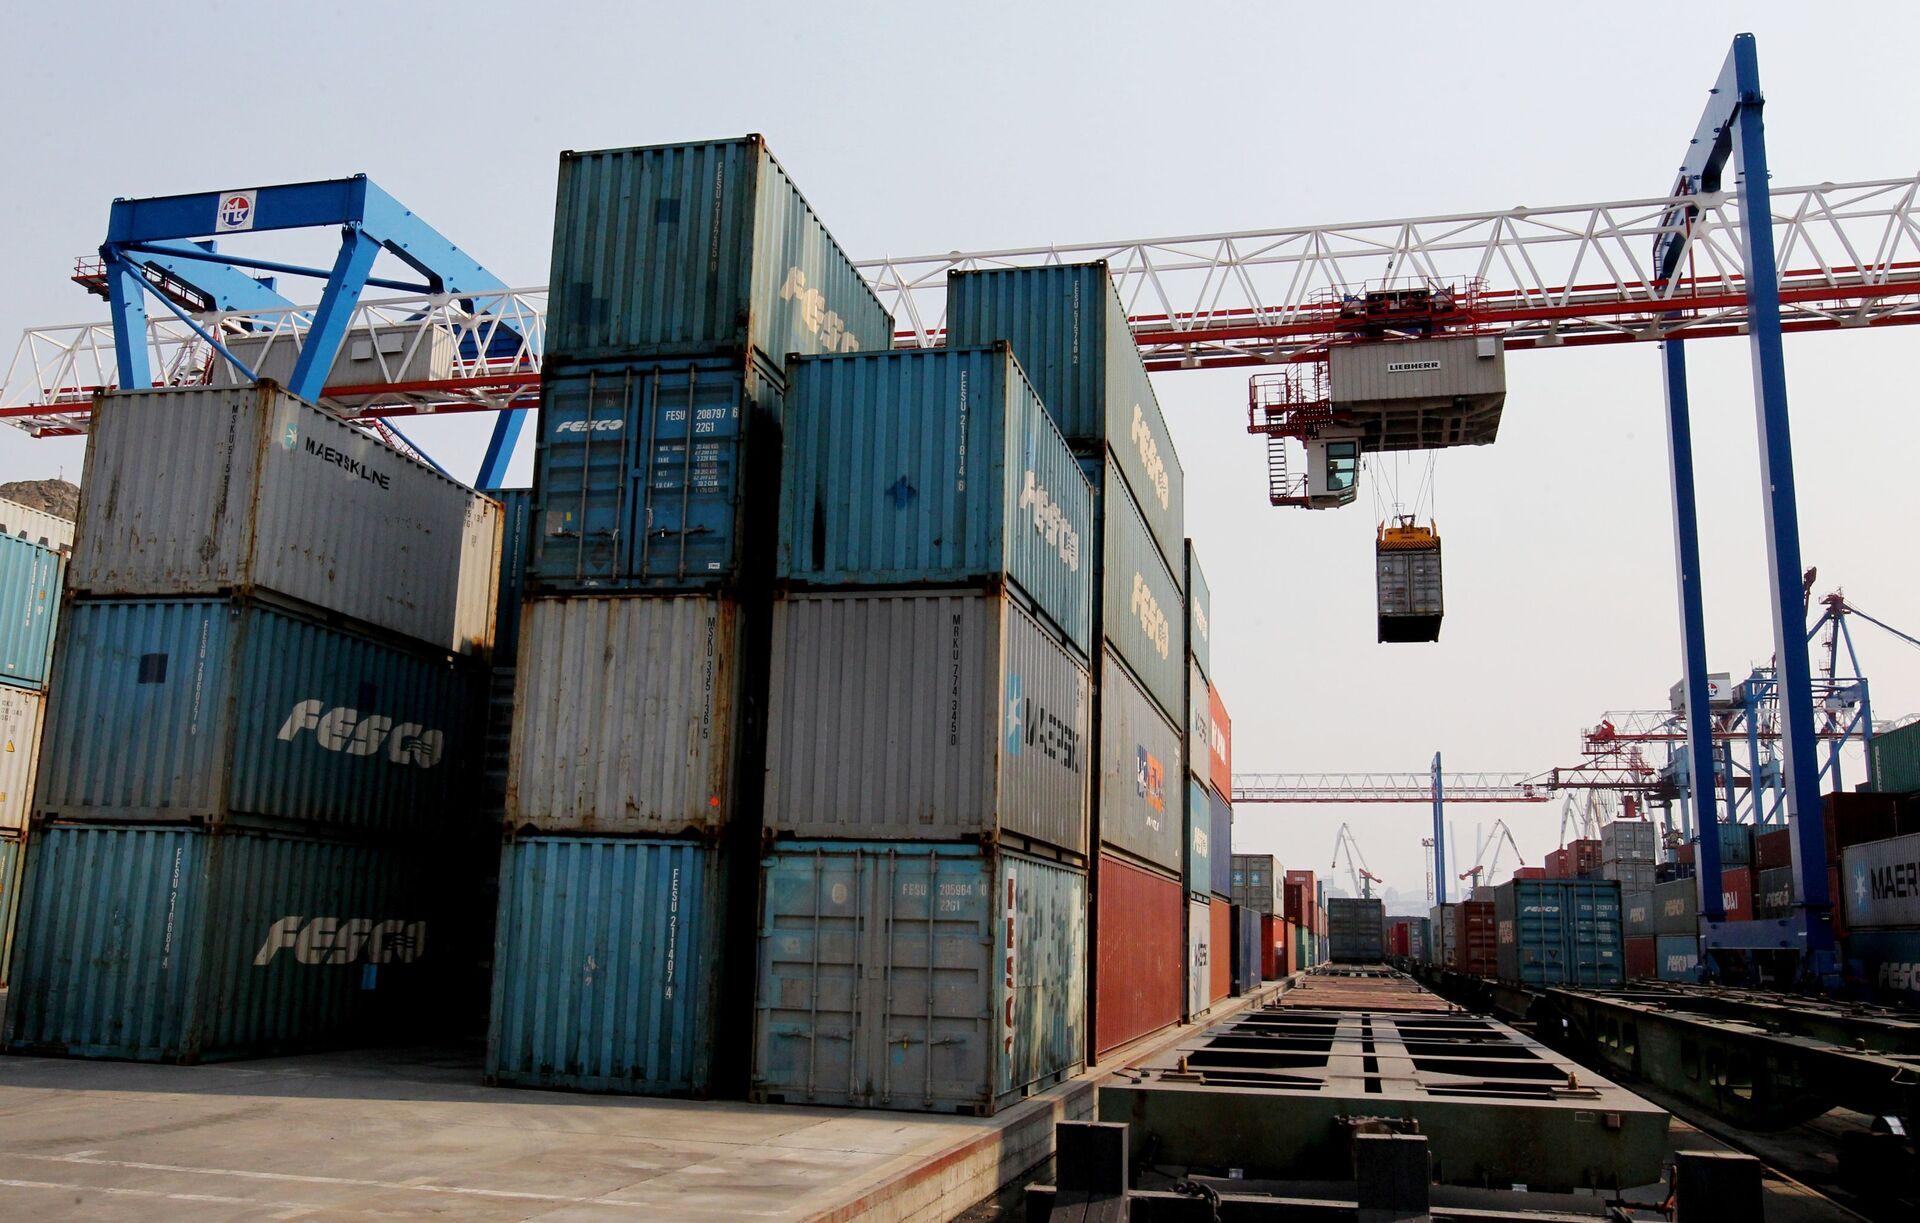 Khủng hoảng container. Thiếu hụt container ở Nga sẽ đưa tới những hậu quả gì? - Sputnik Việt Nam, 1920, 01.03.2021